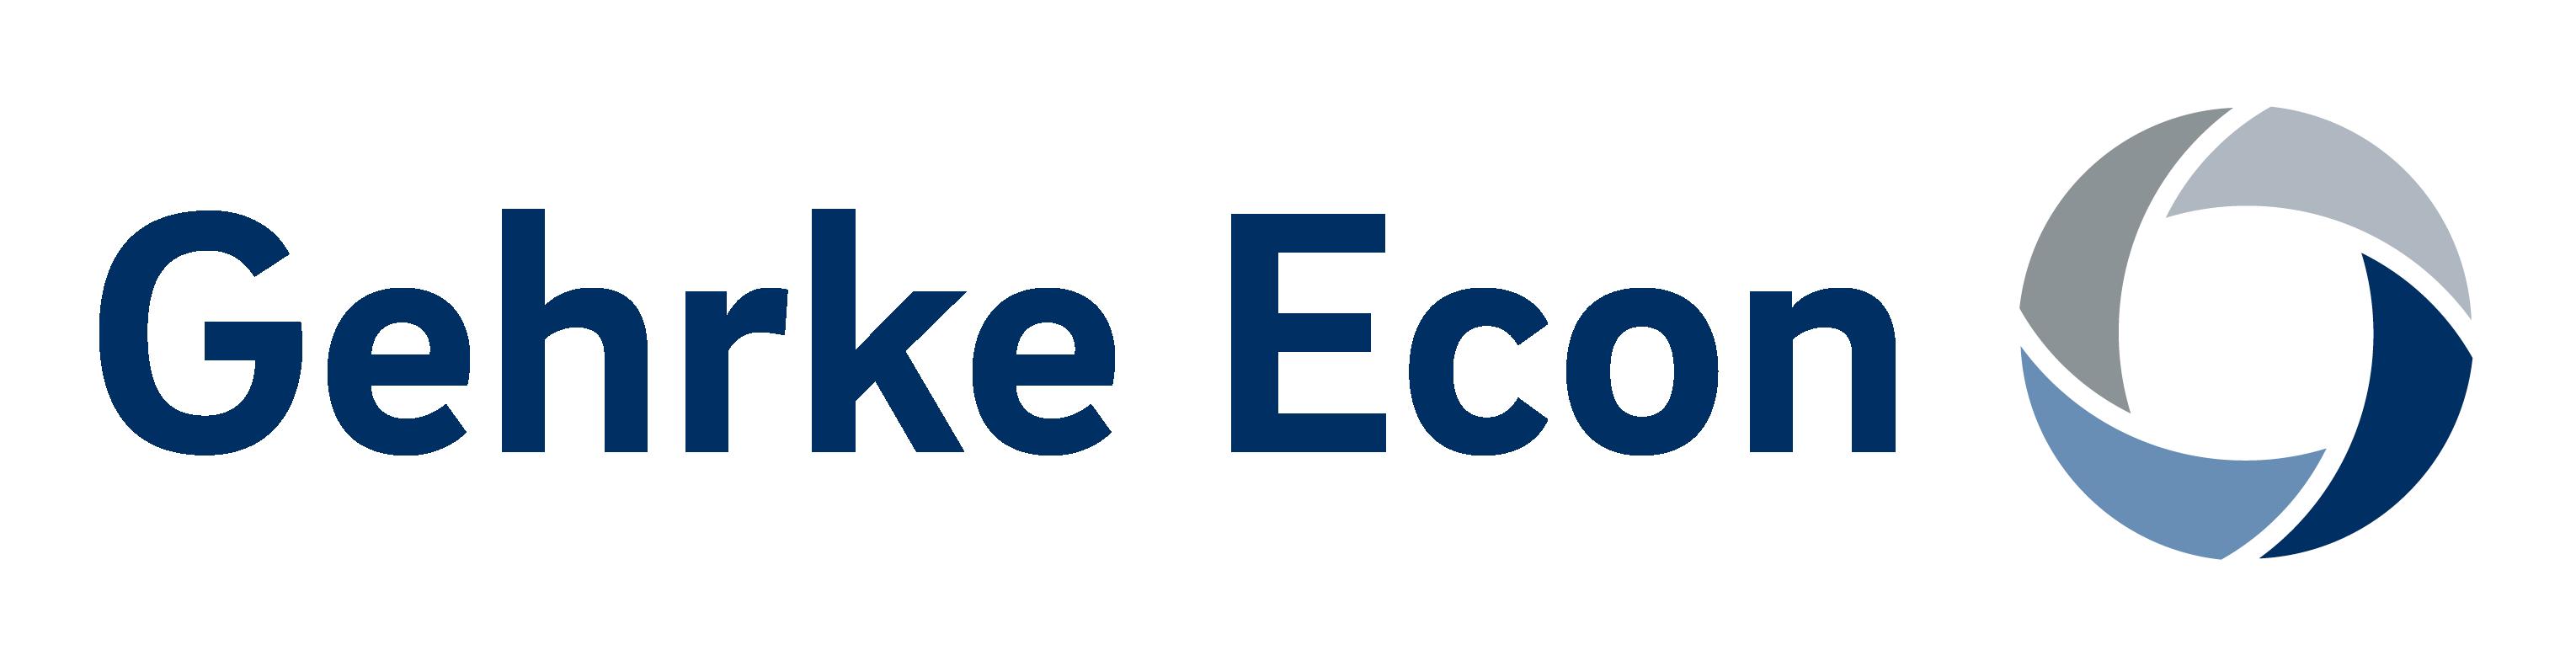 Gehrke Econ Unternehmensberatungsgesellschaft mbH